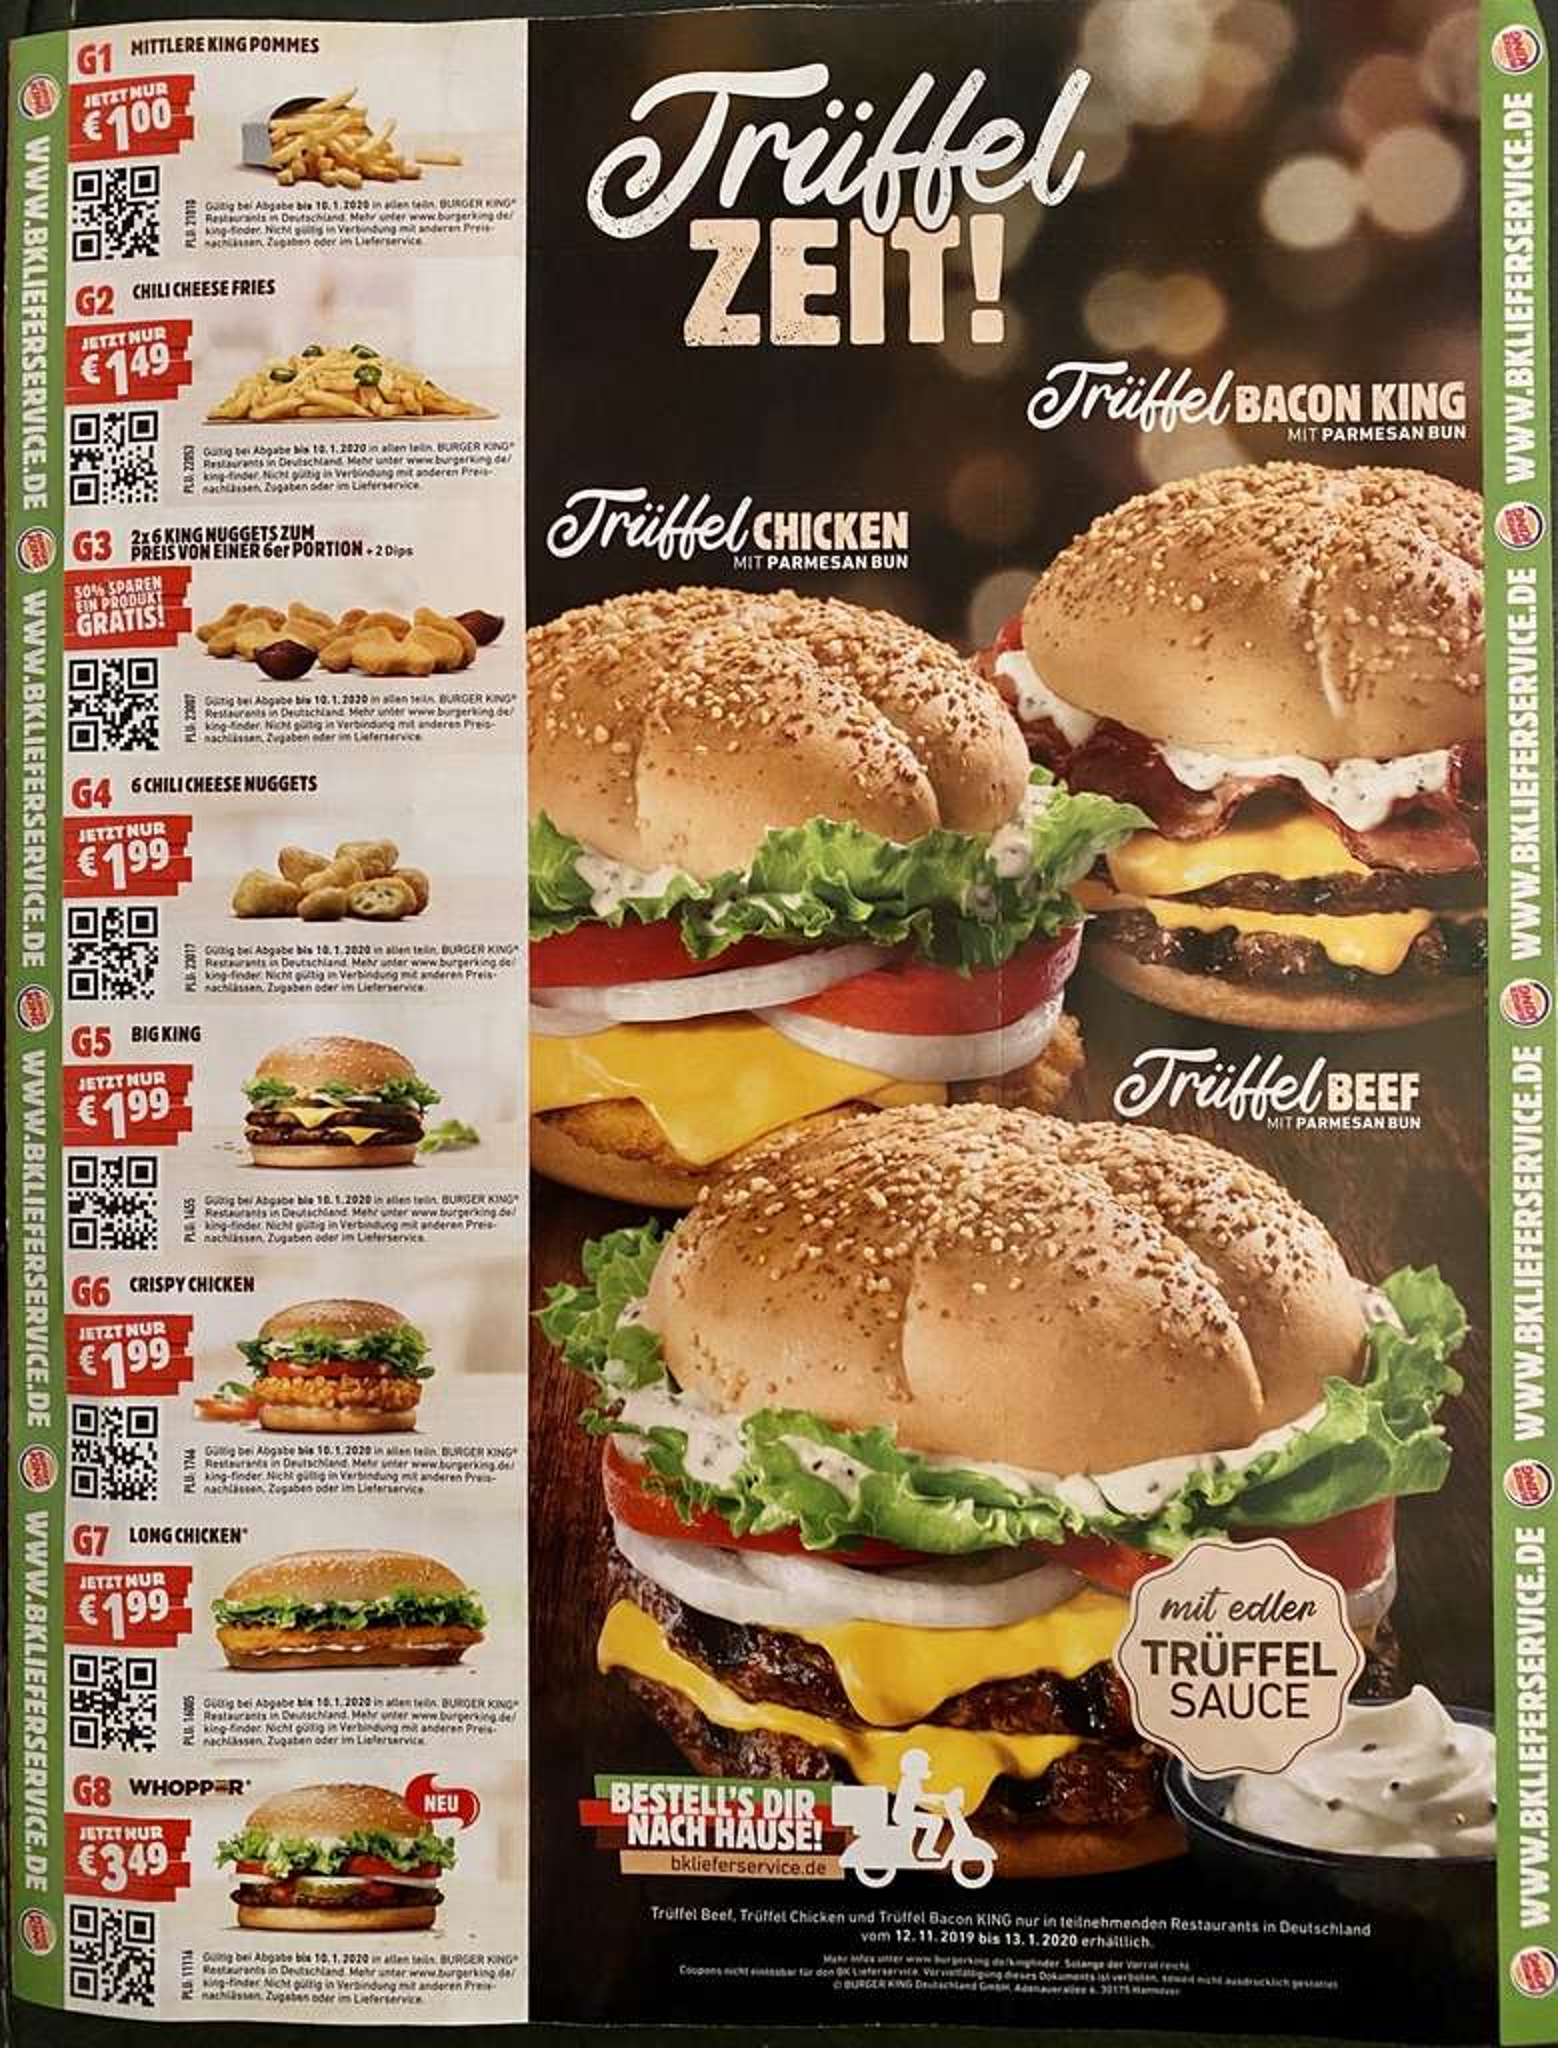 Burger king coupons pdf 2019